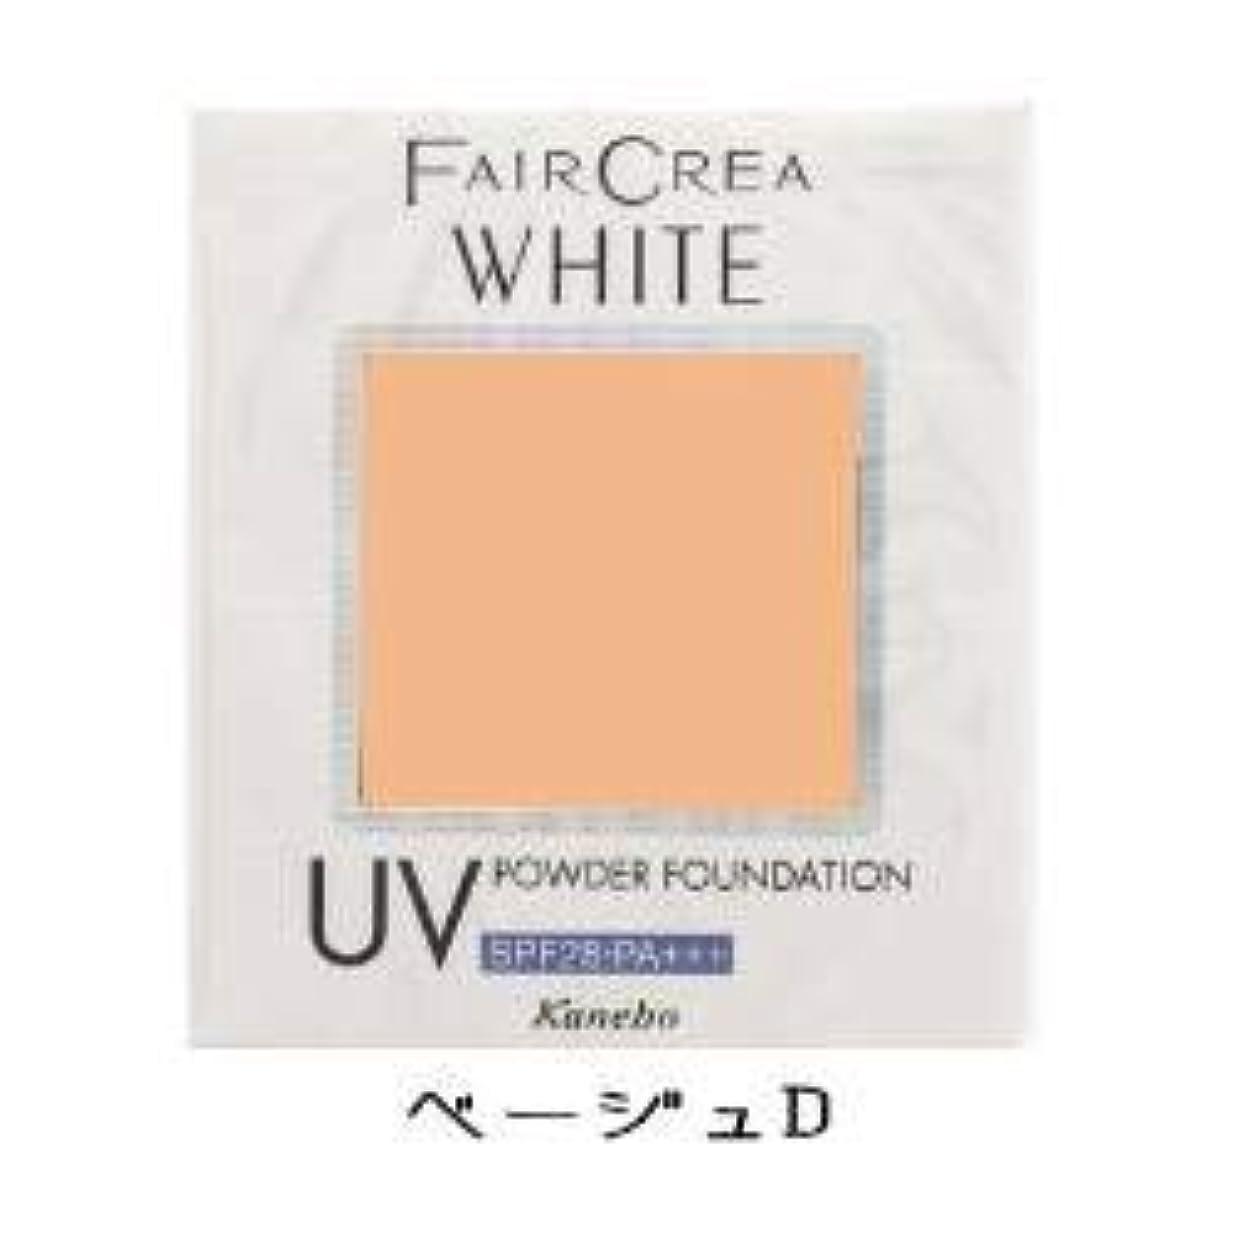 硬化する関連する注釈を付けるカネボウ フェアクレア ホワイトUVパウダーファンデーション ベージュ-D(10g)